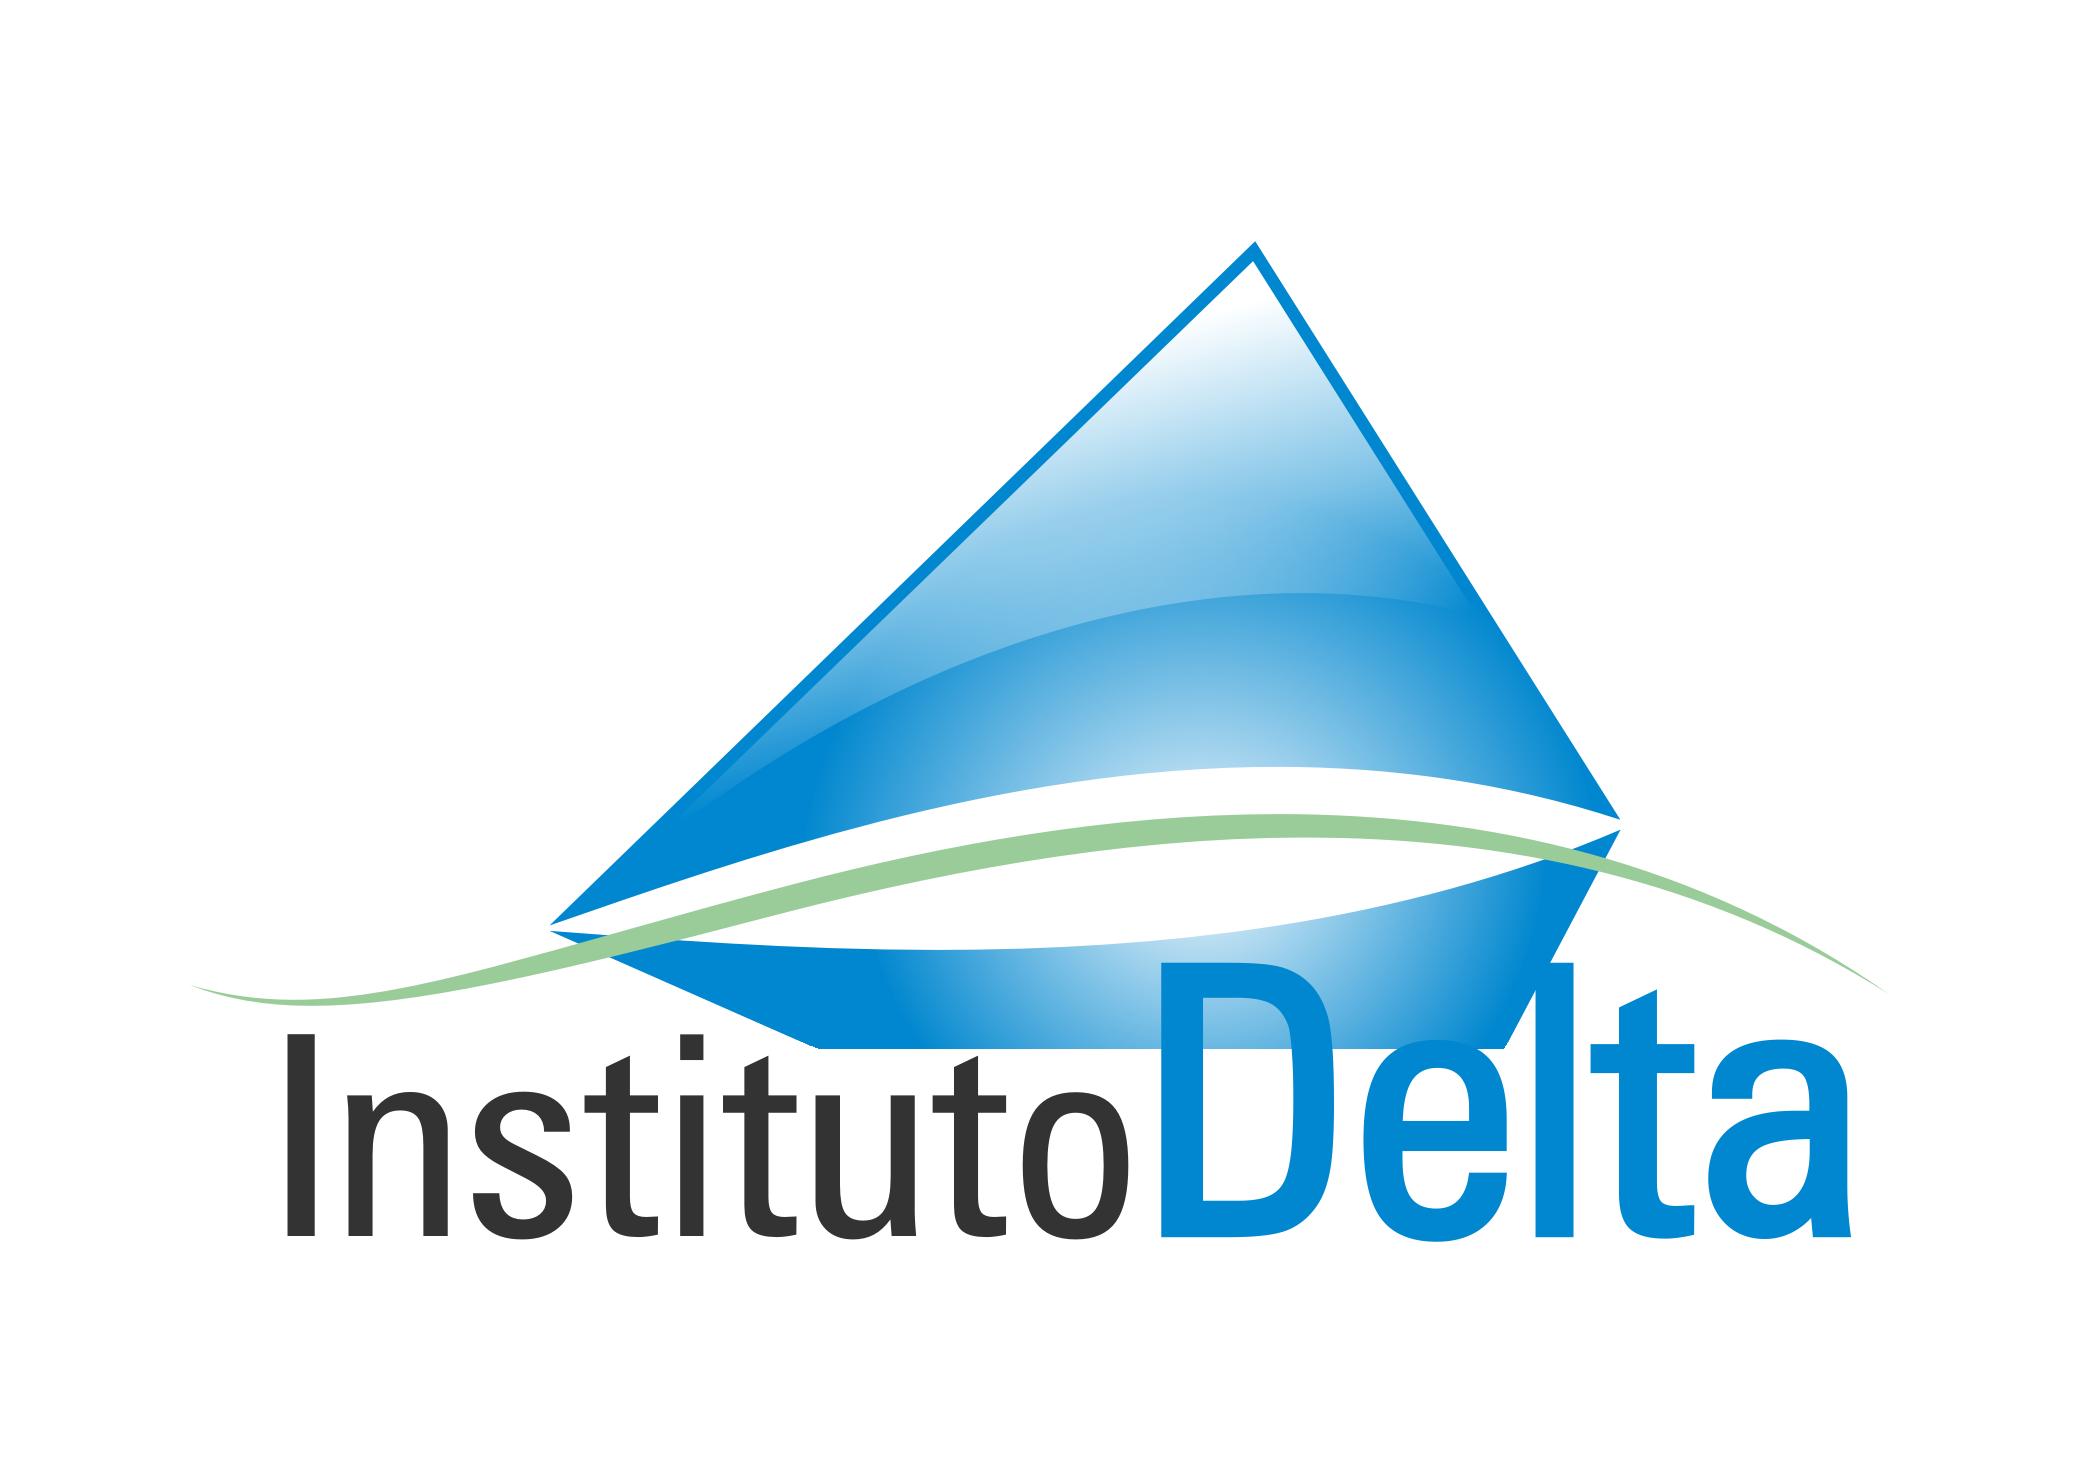 Instituto Delta